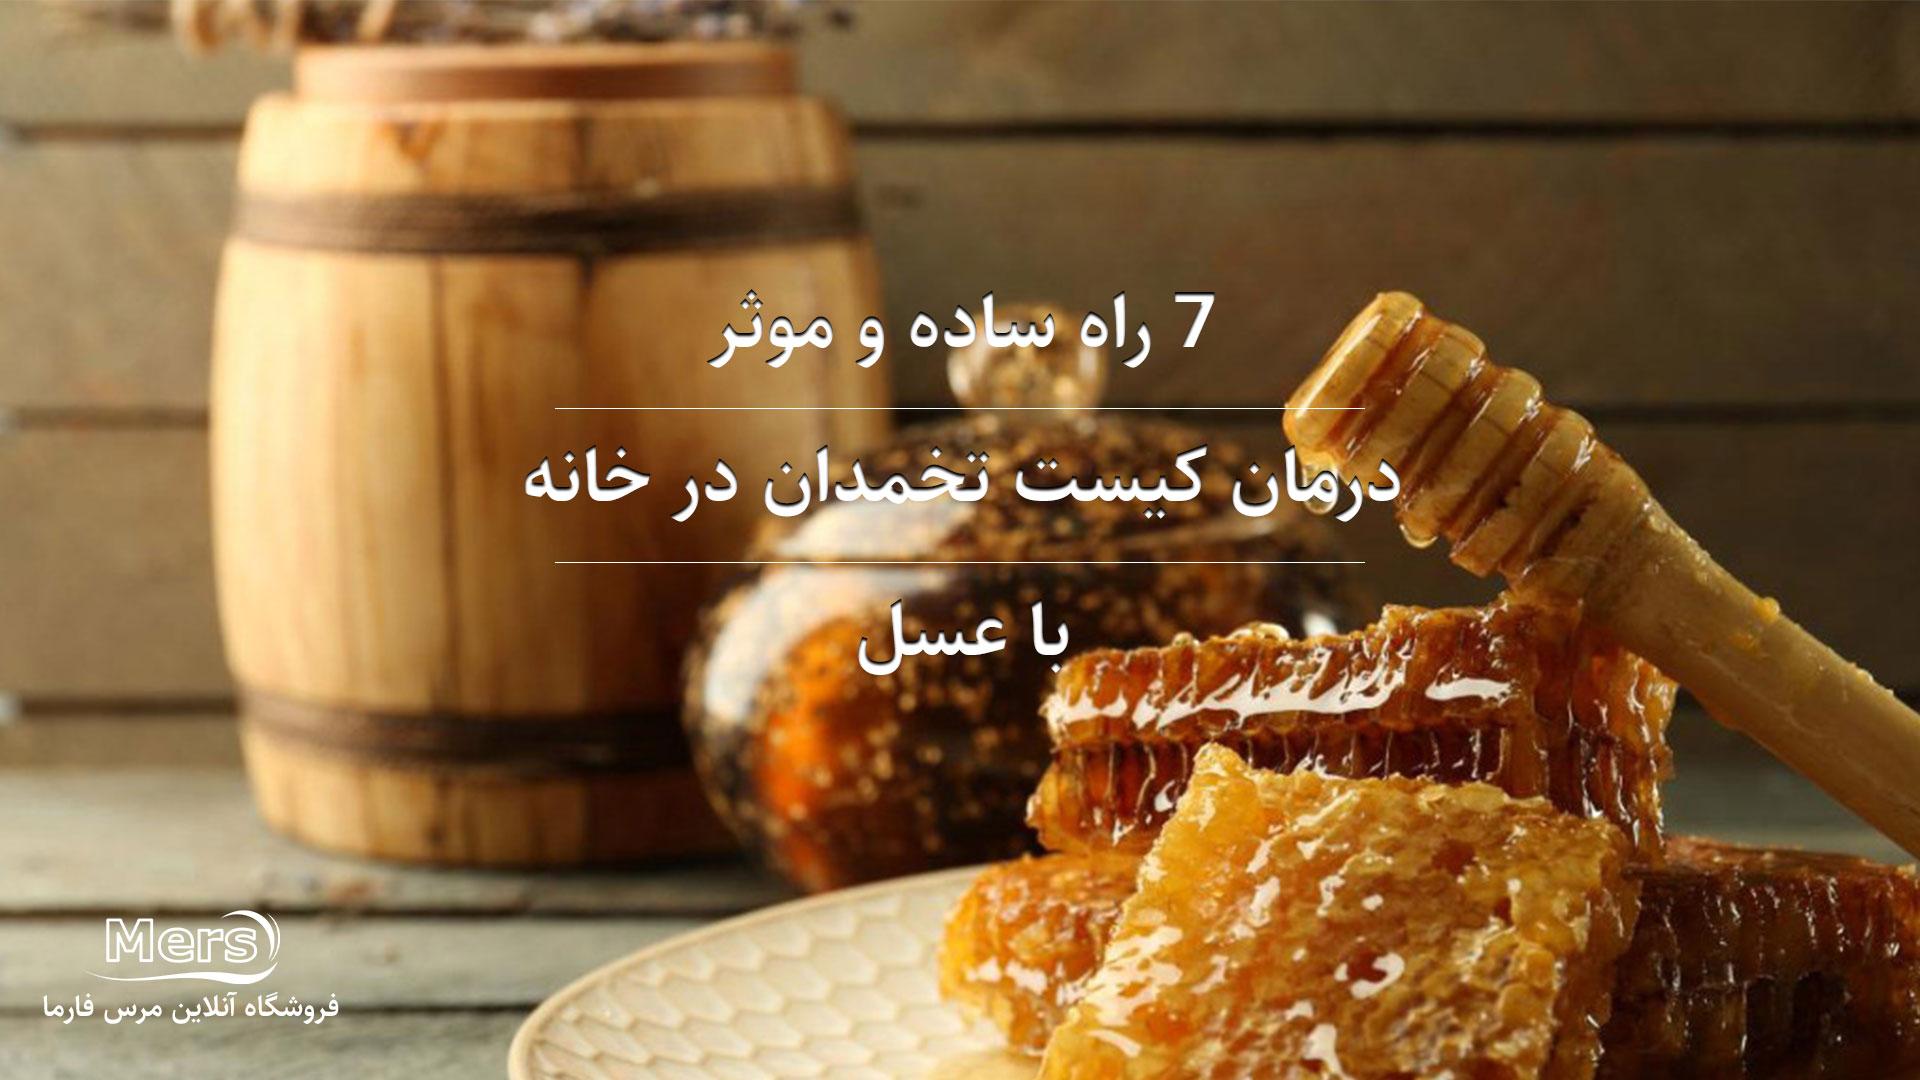 درمان-کیست-تخمدان-با-عسل